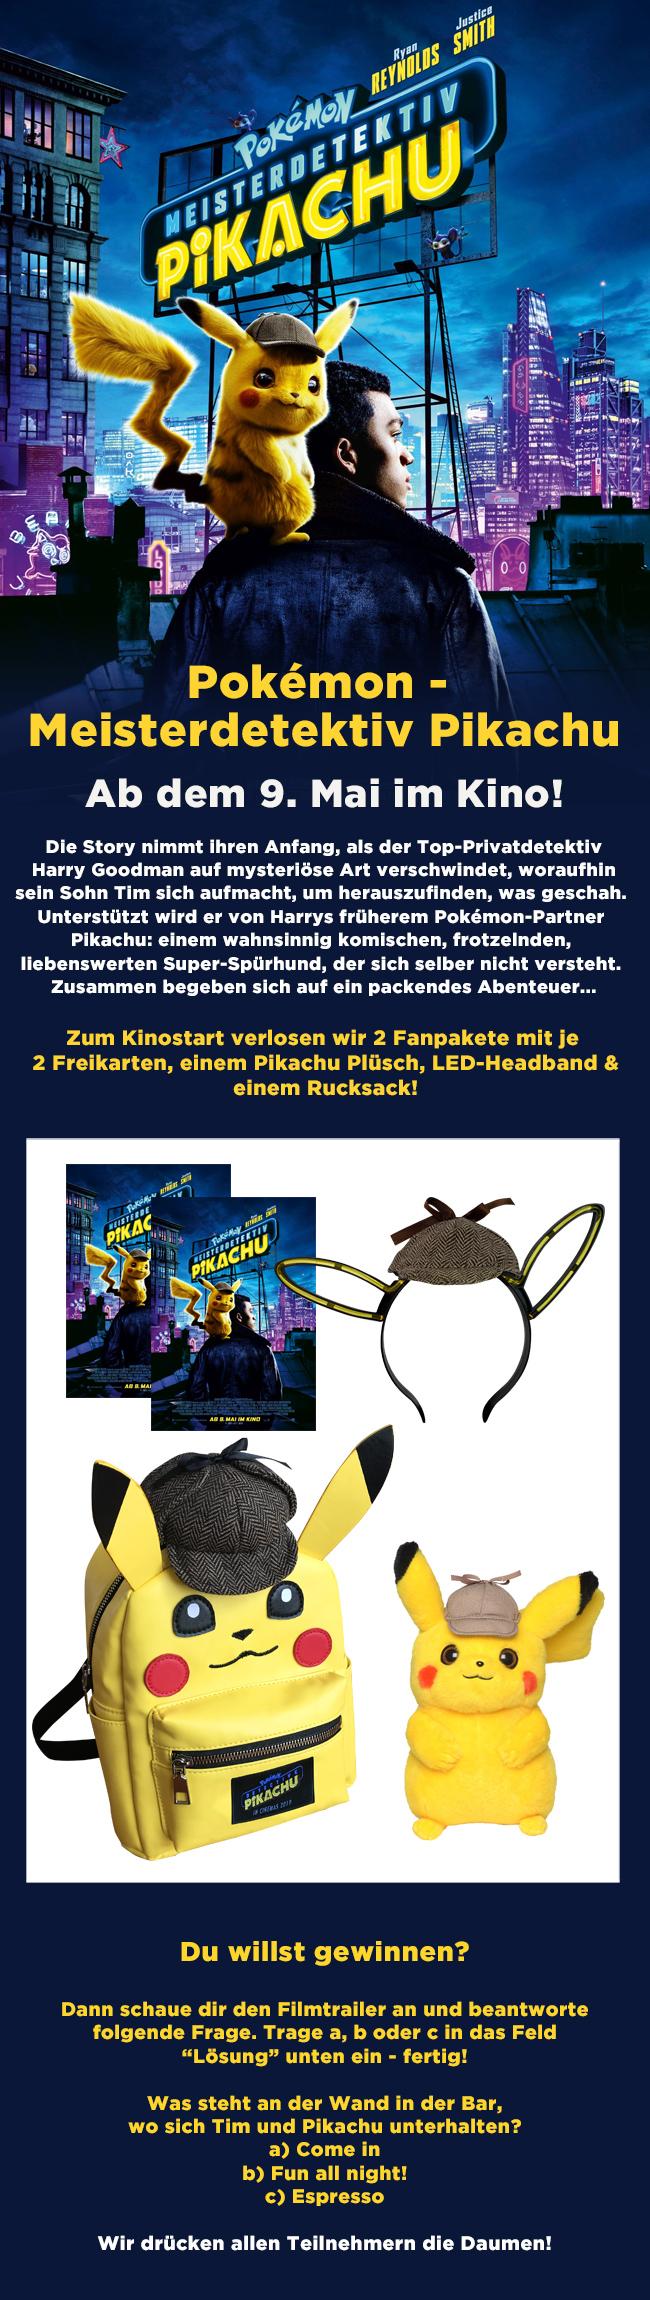 """Bild 1:Schlau wie Meisterdetektiv Pikachu: Löse das """"Pokémon""""-Gewinnspiel!"""